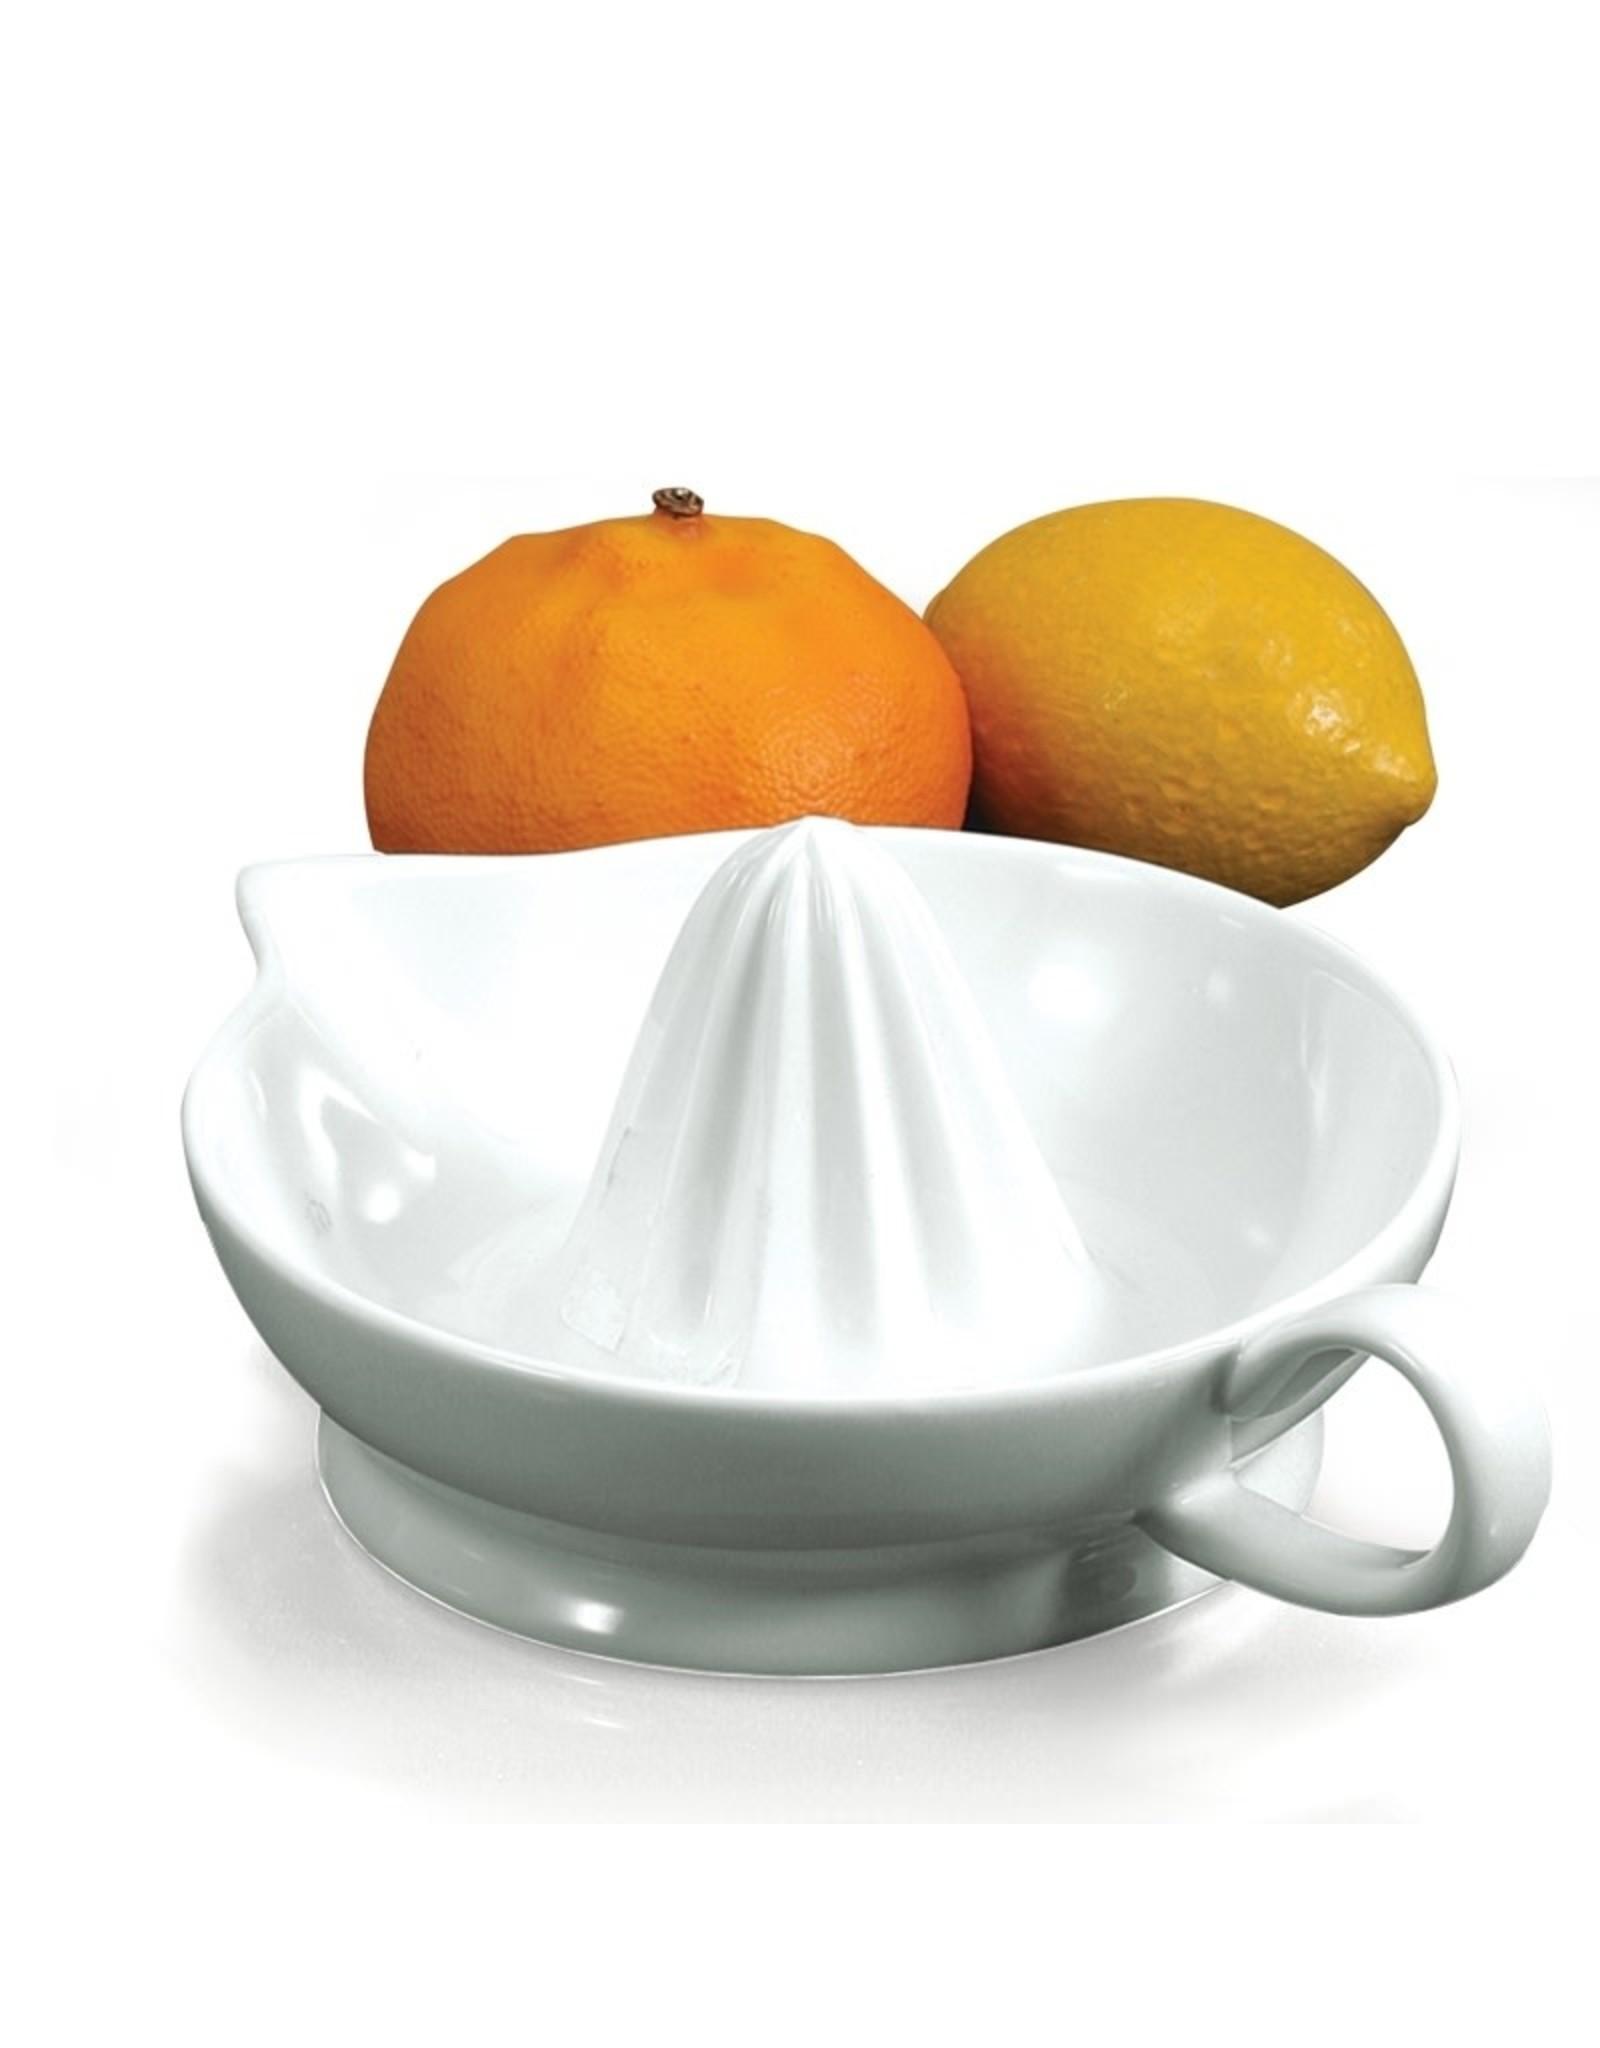 Bia Bia - Citrus Juicer - One Piece White Ceramic